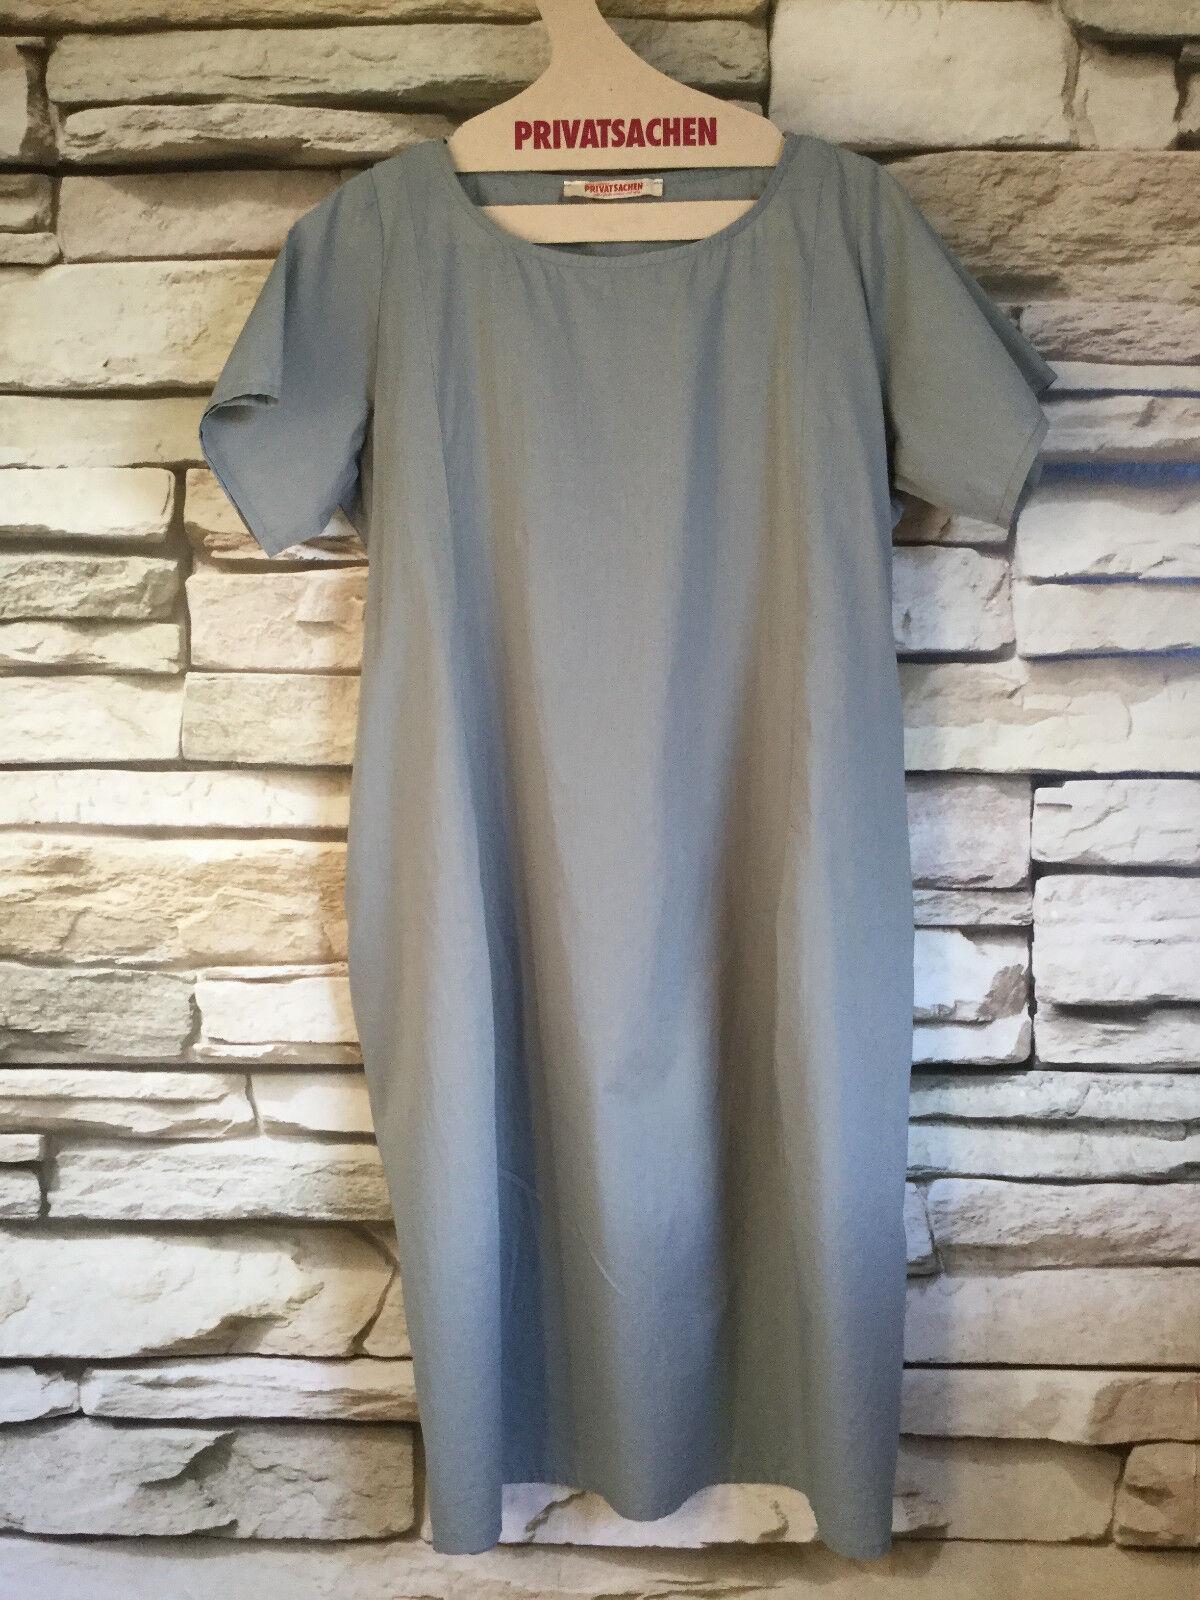 Cocon merz PRIVATSACHEN MEINHERR Kleid aus Baumwolle in grau Gr. 1